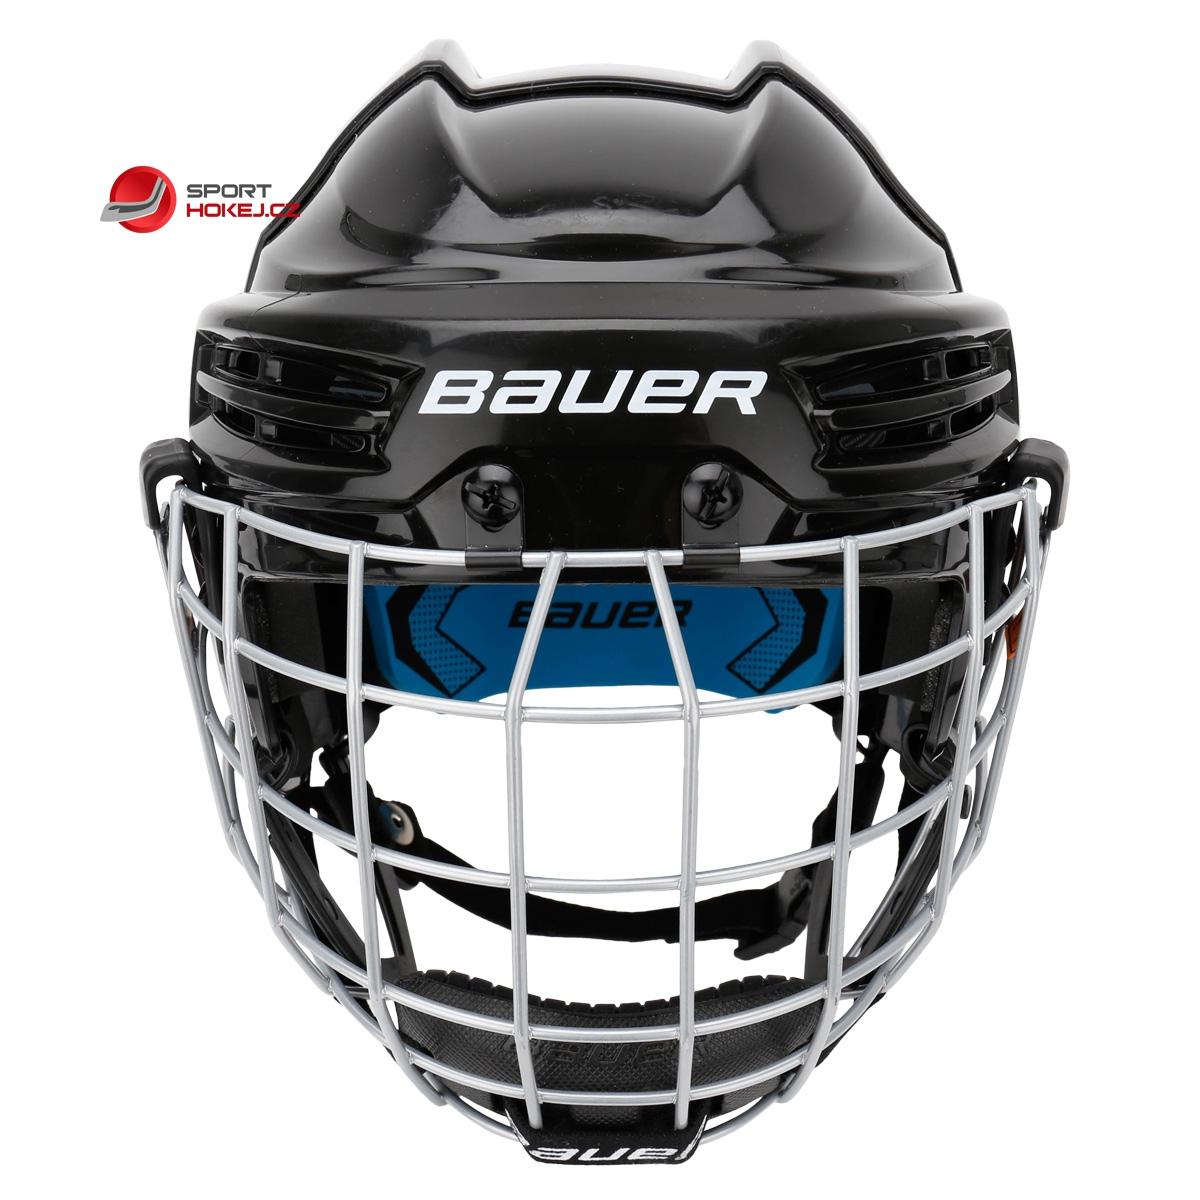 Hokejová helma BAUER Prodigy Combo Youth Hokejová helma BAUER Prodigy Combo  Youth ... db26608a85